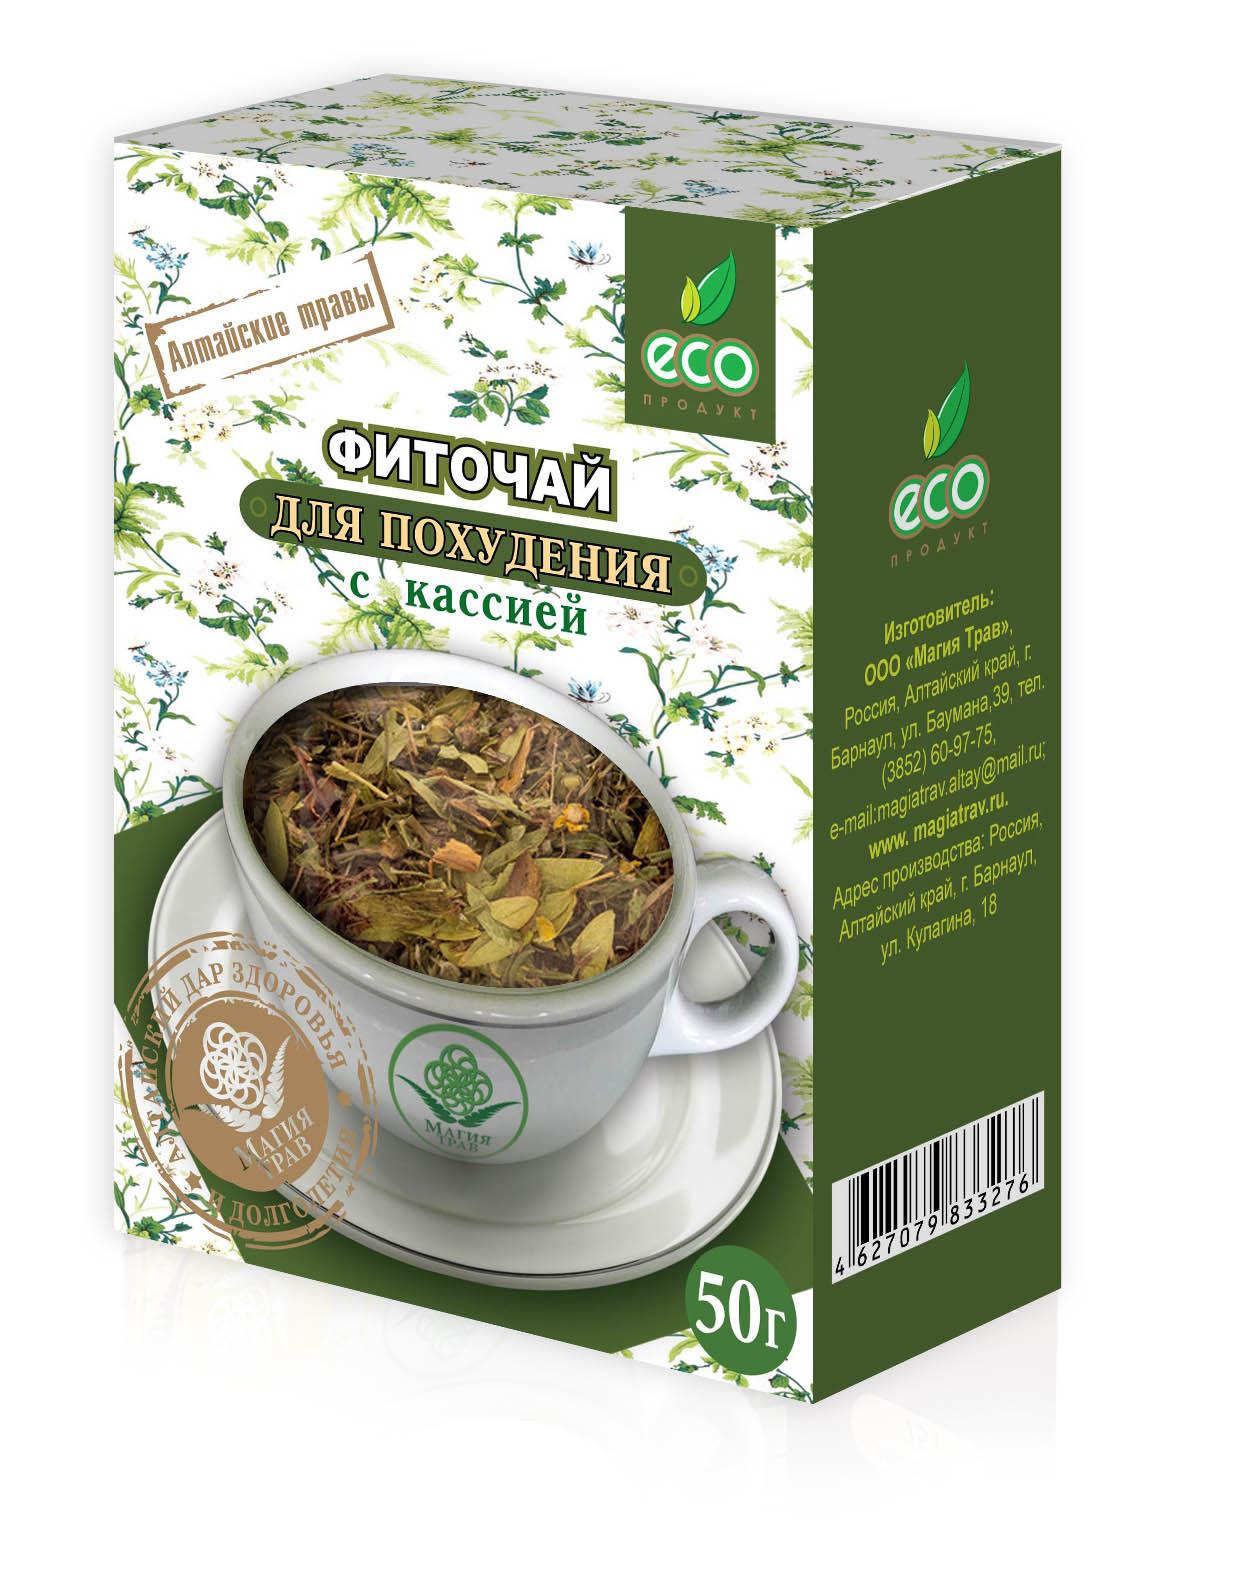 ceaiuri pentru slabit eficiente poate hiperglicemia provoca pierderea în greutate